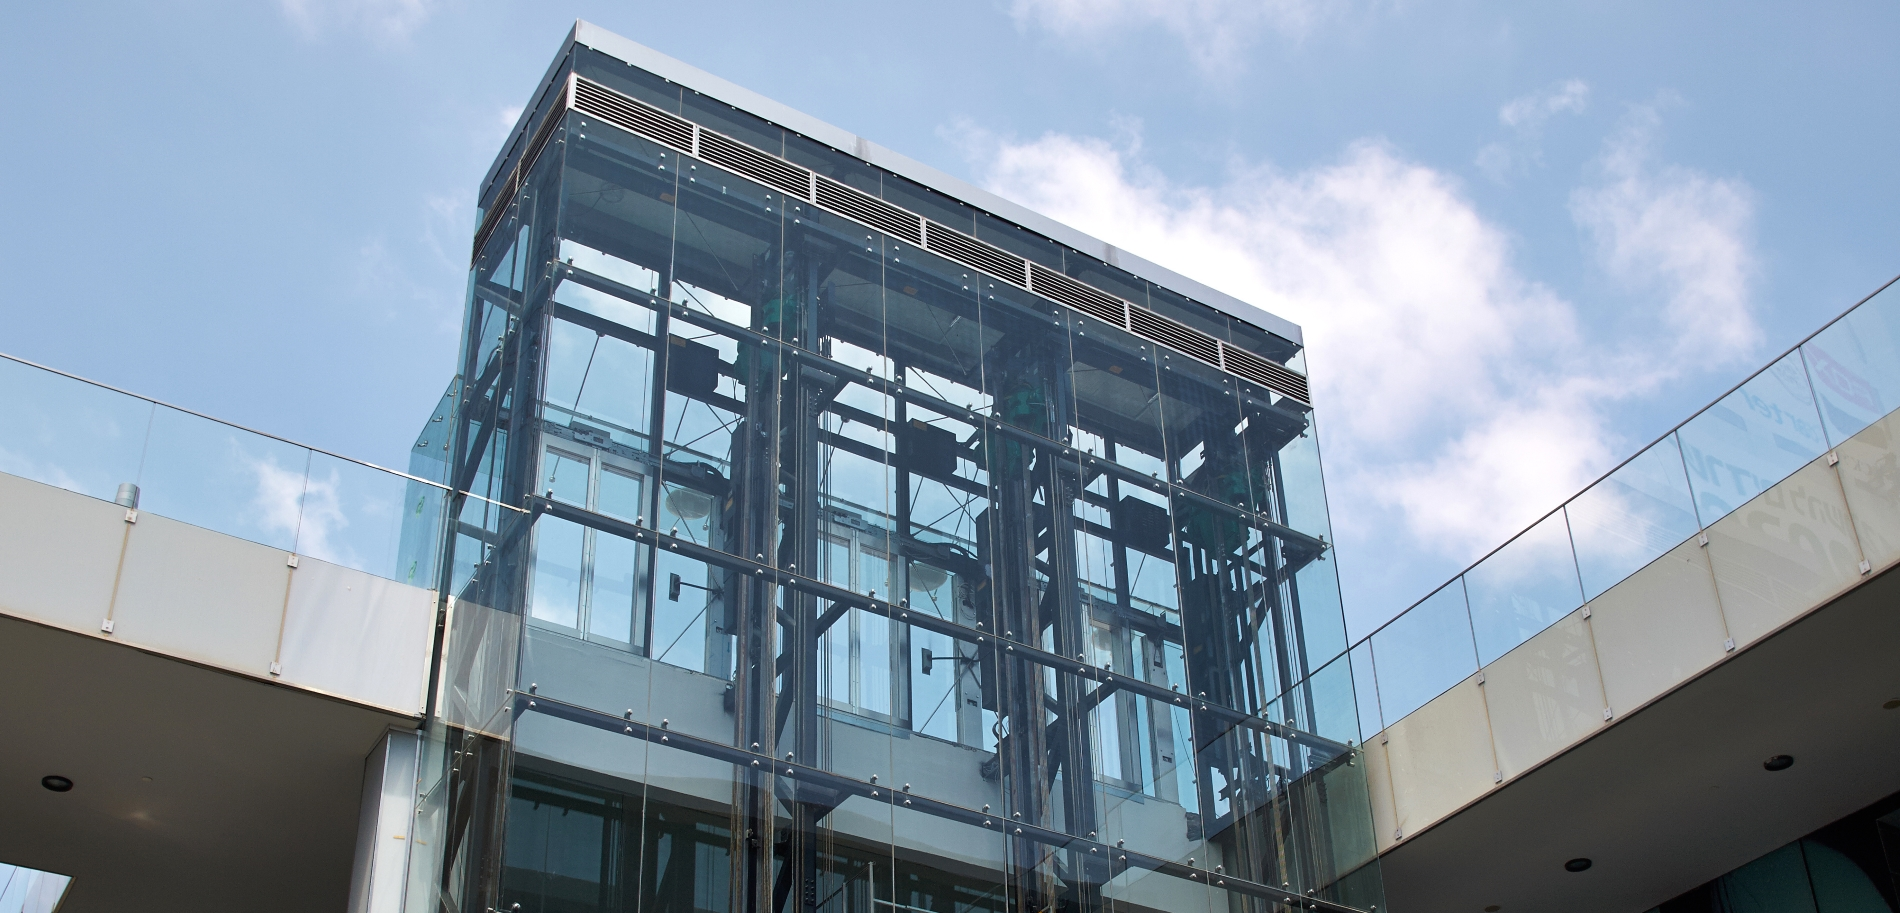 Przeszklony szyb windowy zamocowany z pomocą okuć punktowych